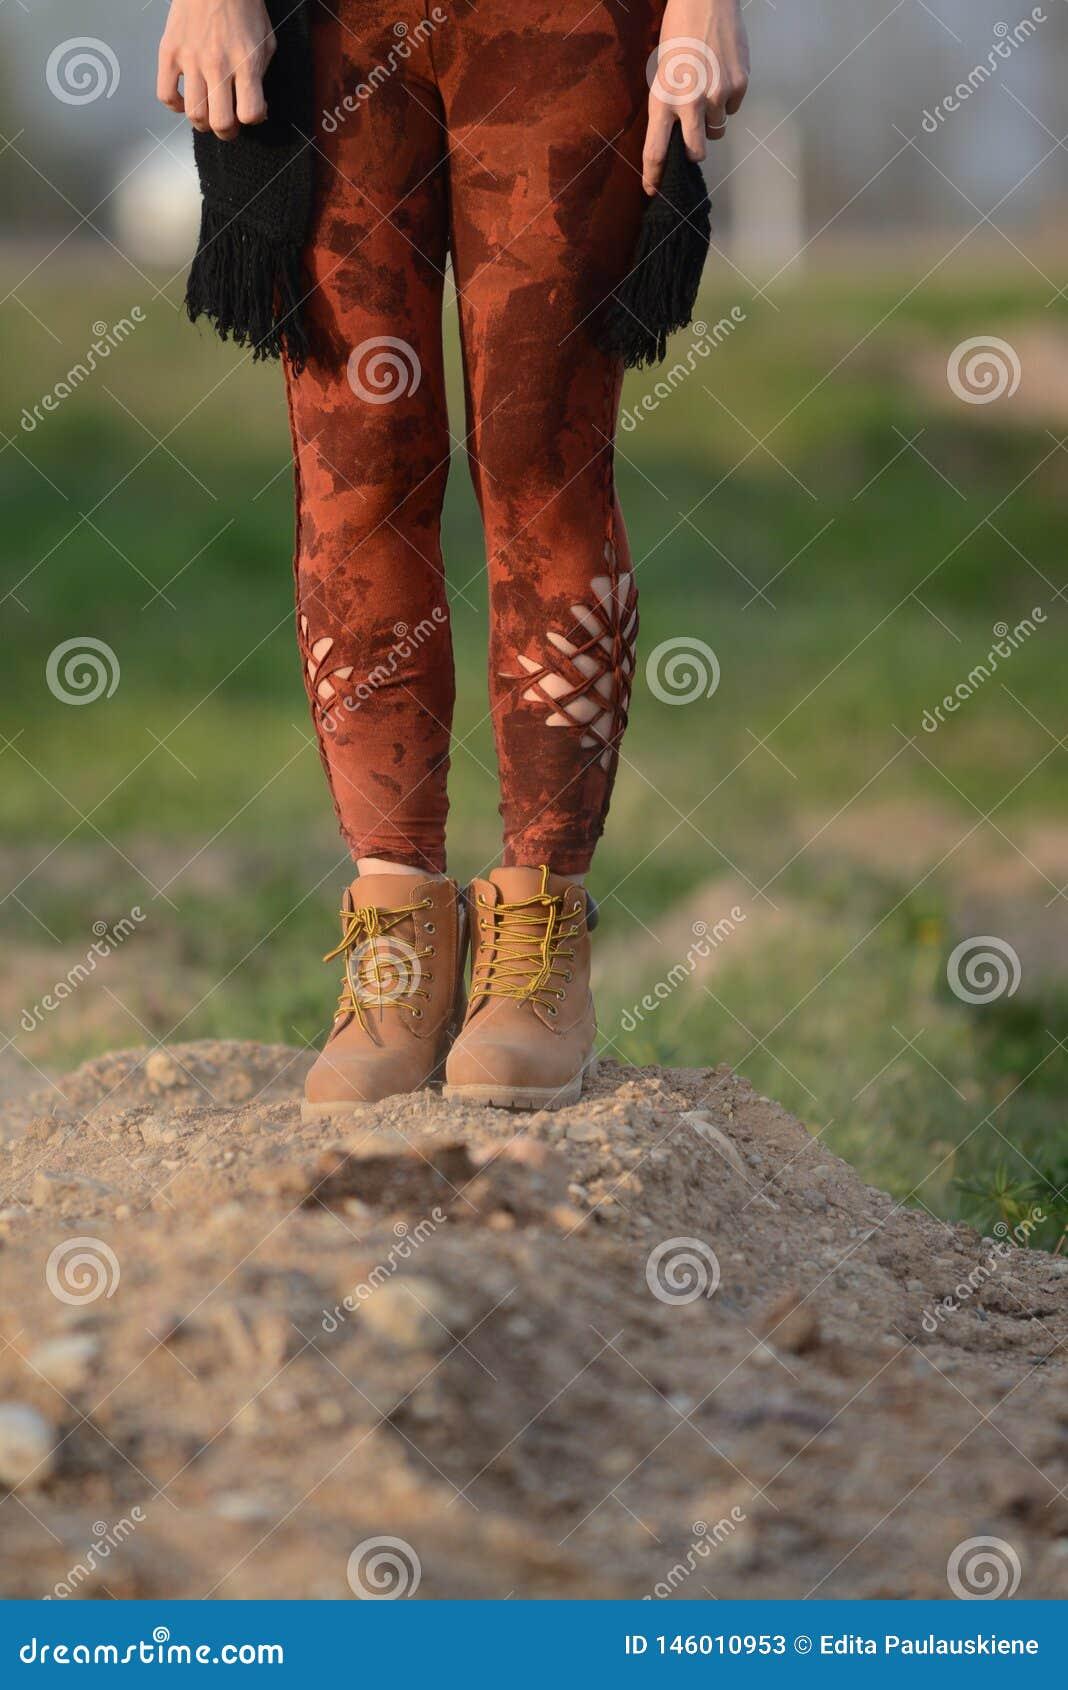 Ноги в красивых и уникальных отрезка колготках вне, моде фестиваля, золотом часе, теплом вечере